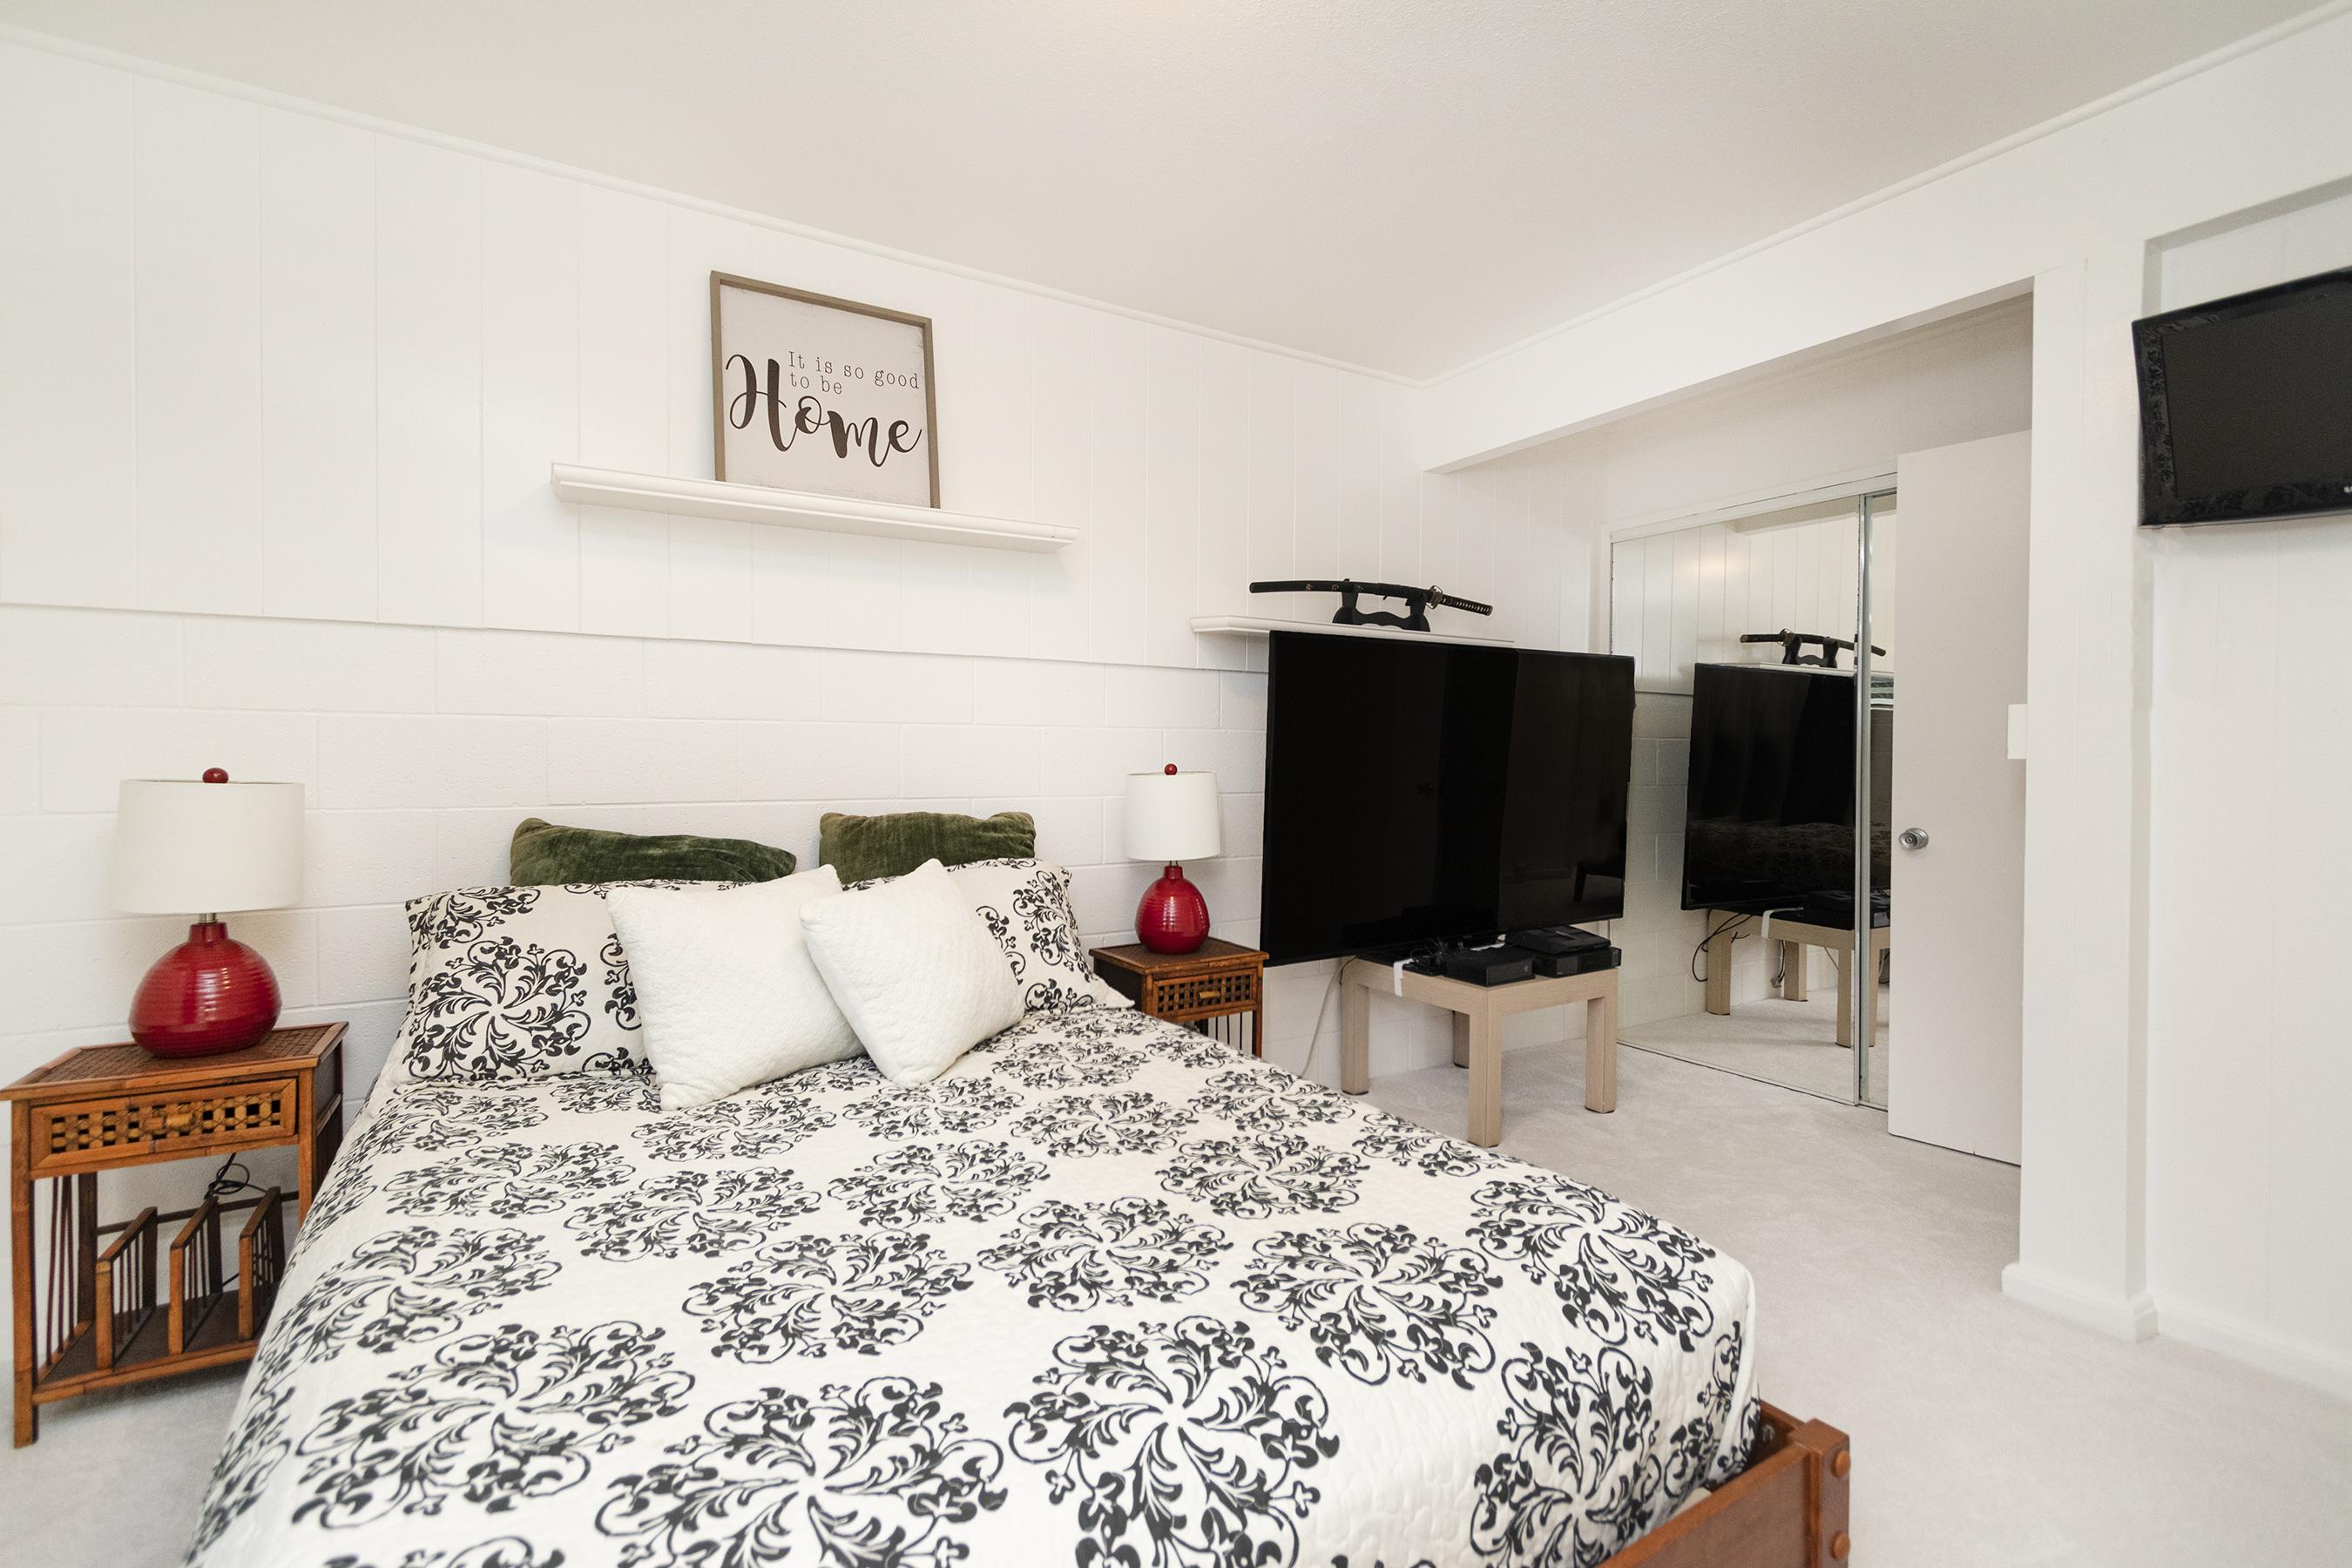 Downstairs Bedroom at 380 Puiwa Road, Honolulu, HI 96817